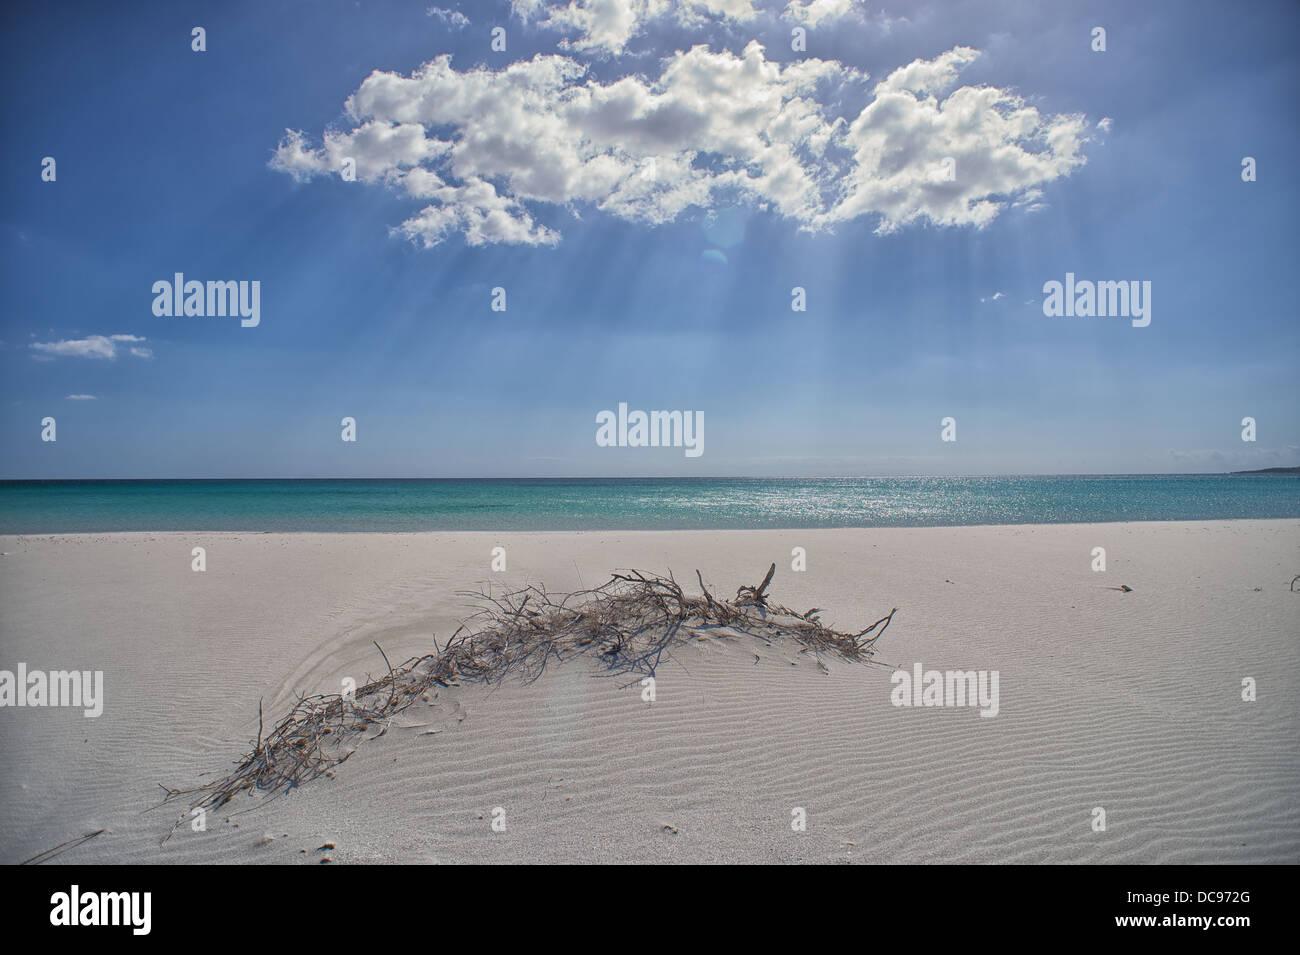 La Cinta Beach close to San Teodoro, Sardinia - Stock Image